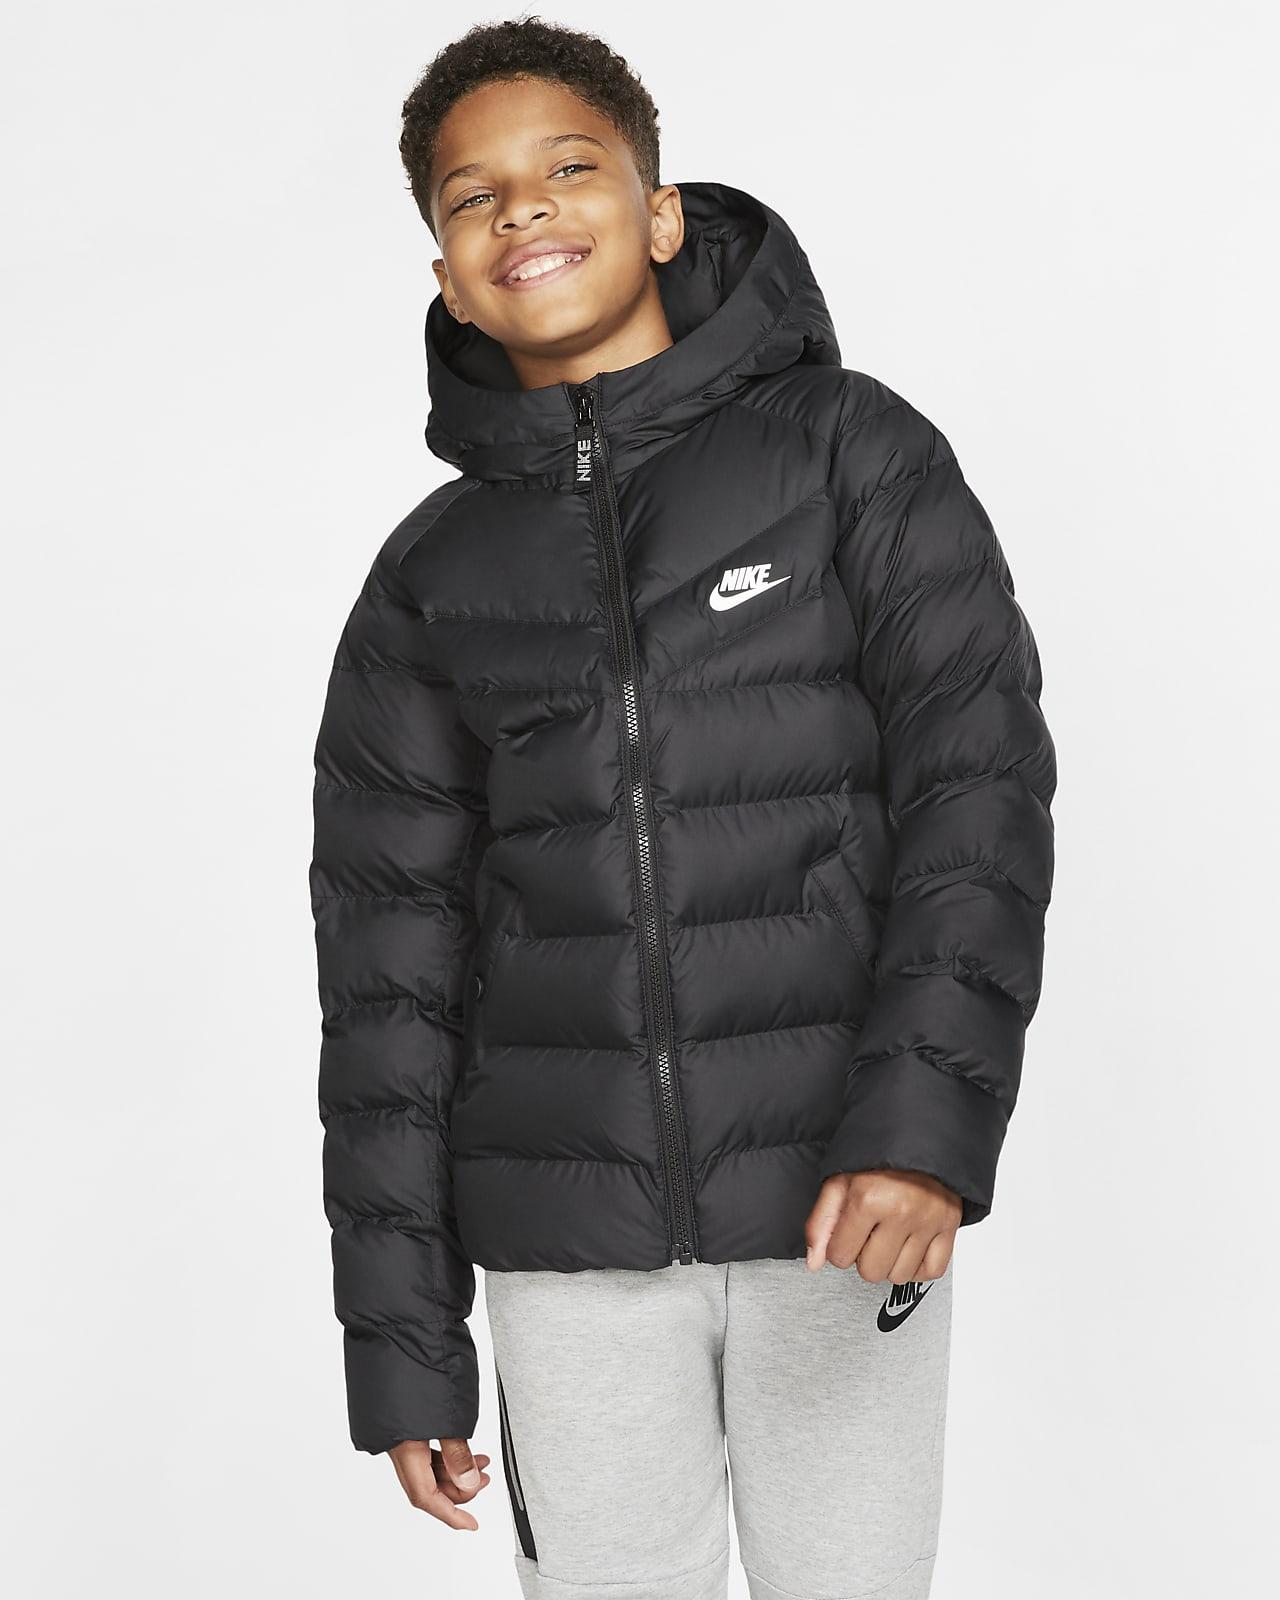 Куртка для школьников Nike Sportswear